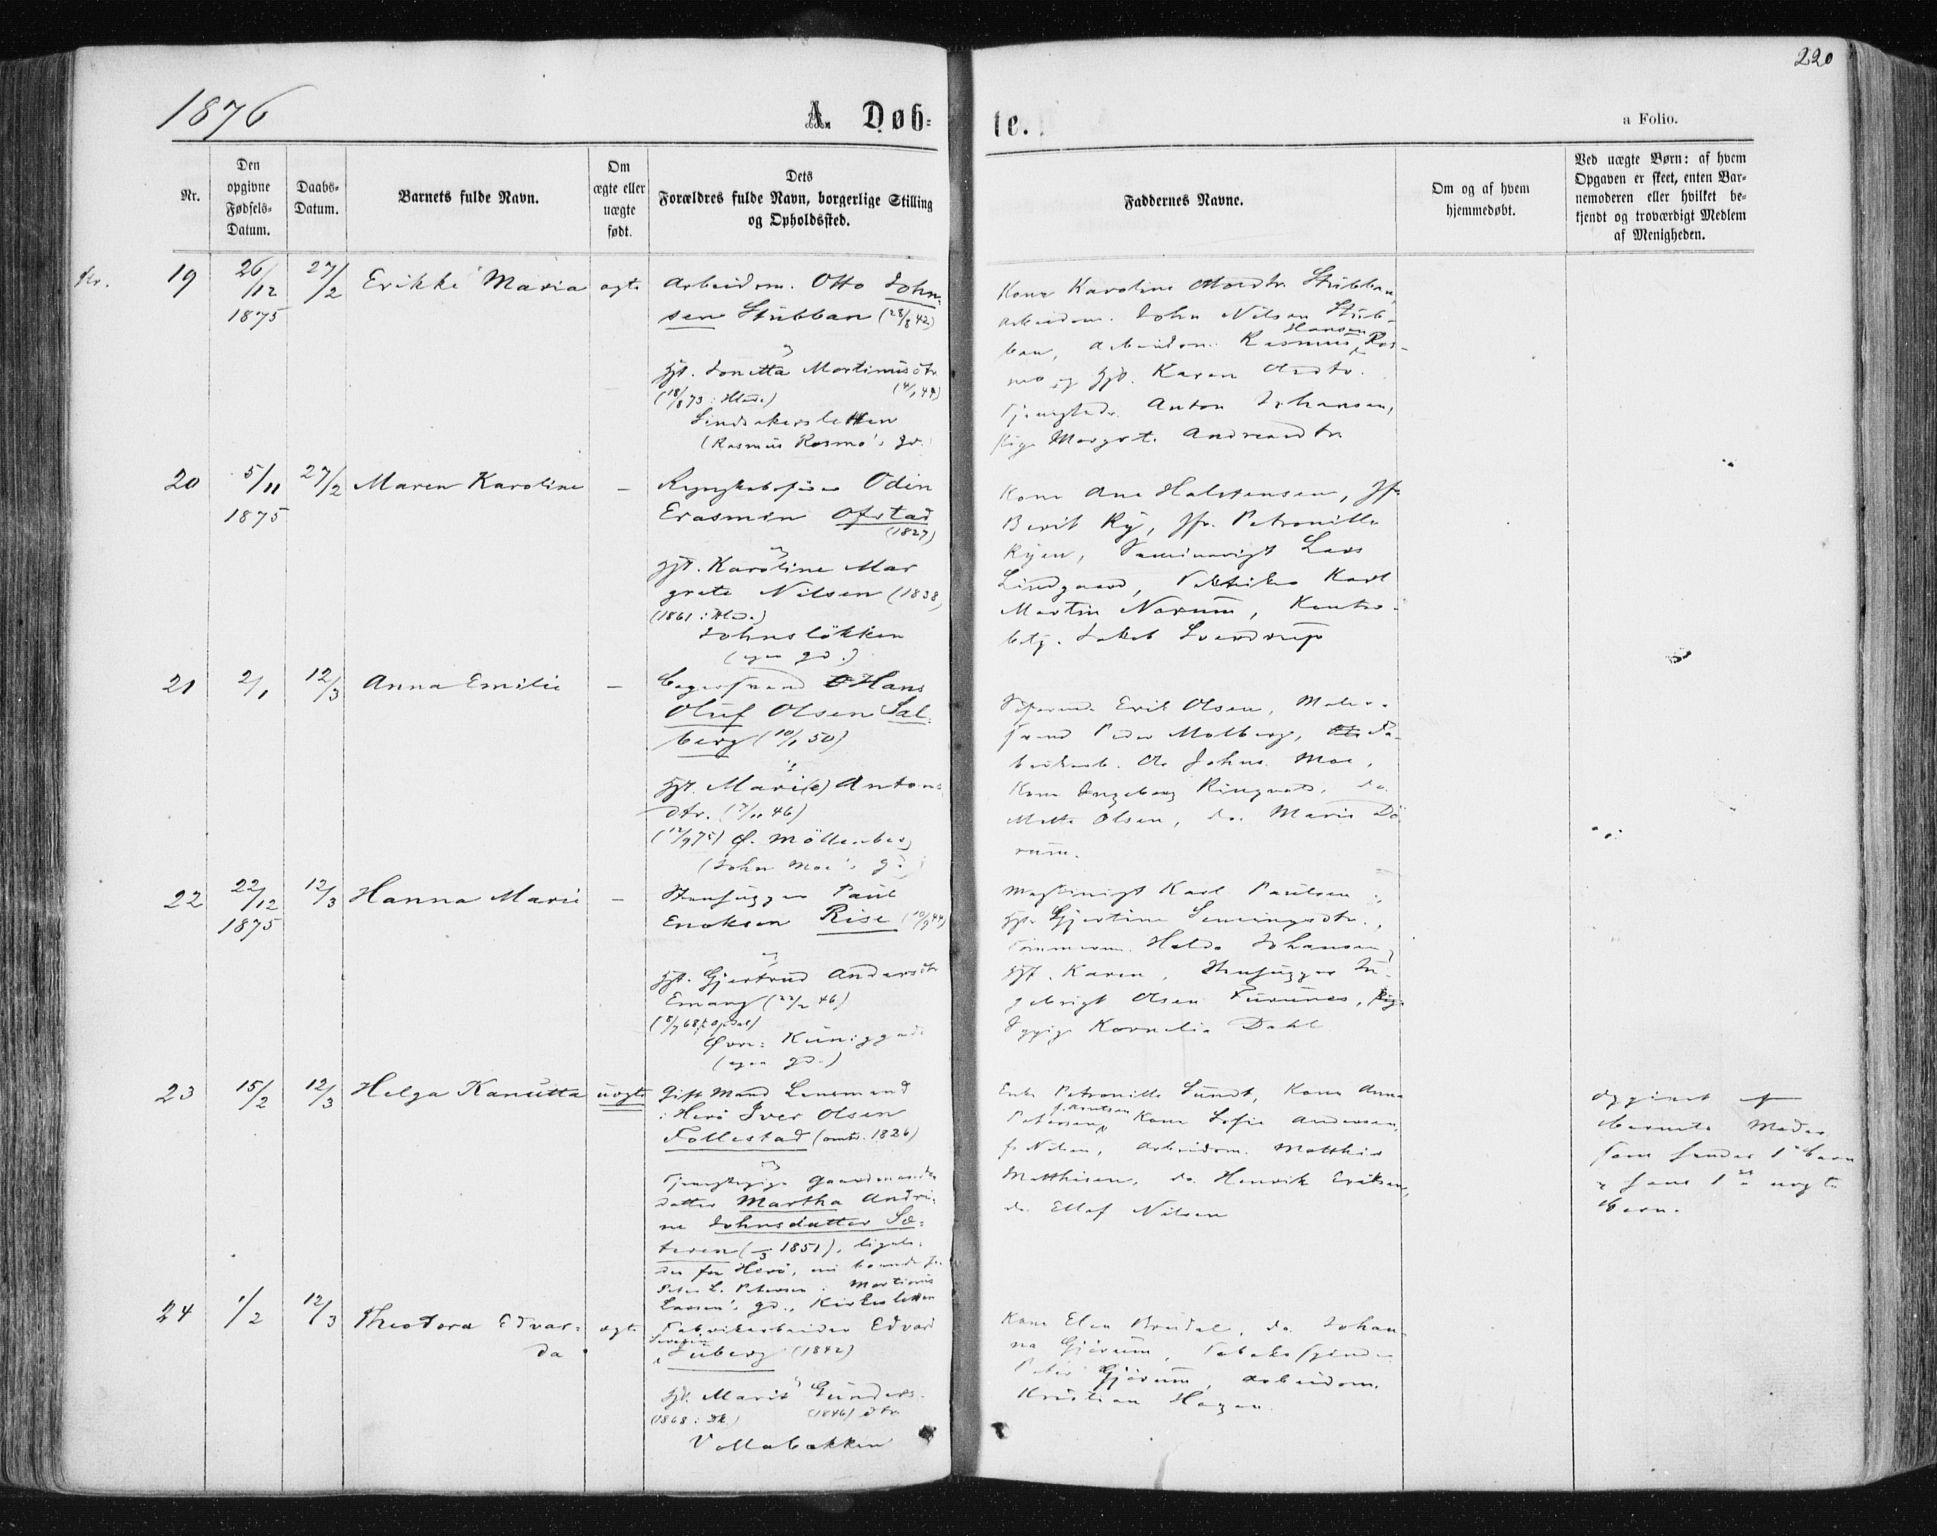 SAT, Ministerialprotokoller, klokkerbøker og fødselsregistre - Sør-Trøndelag, 604/L0186: Ministerialbok nr. 604A07, 1866-1877, s. 220